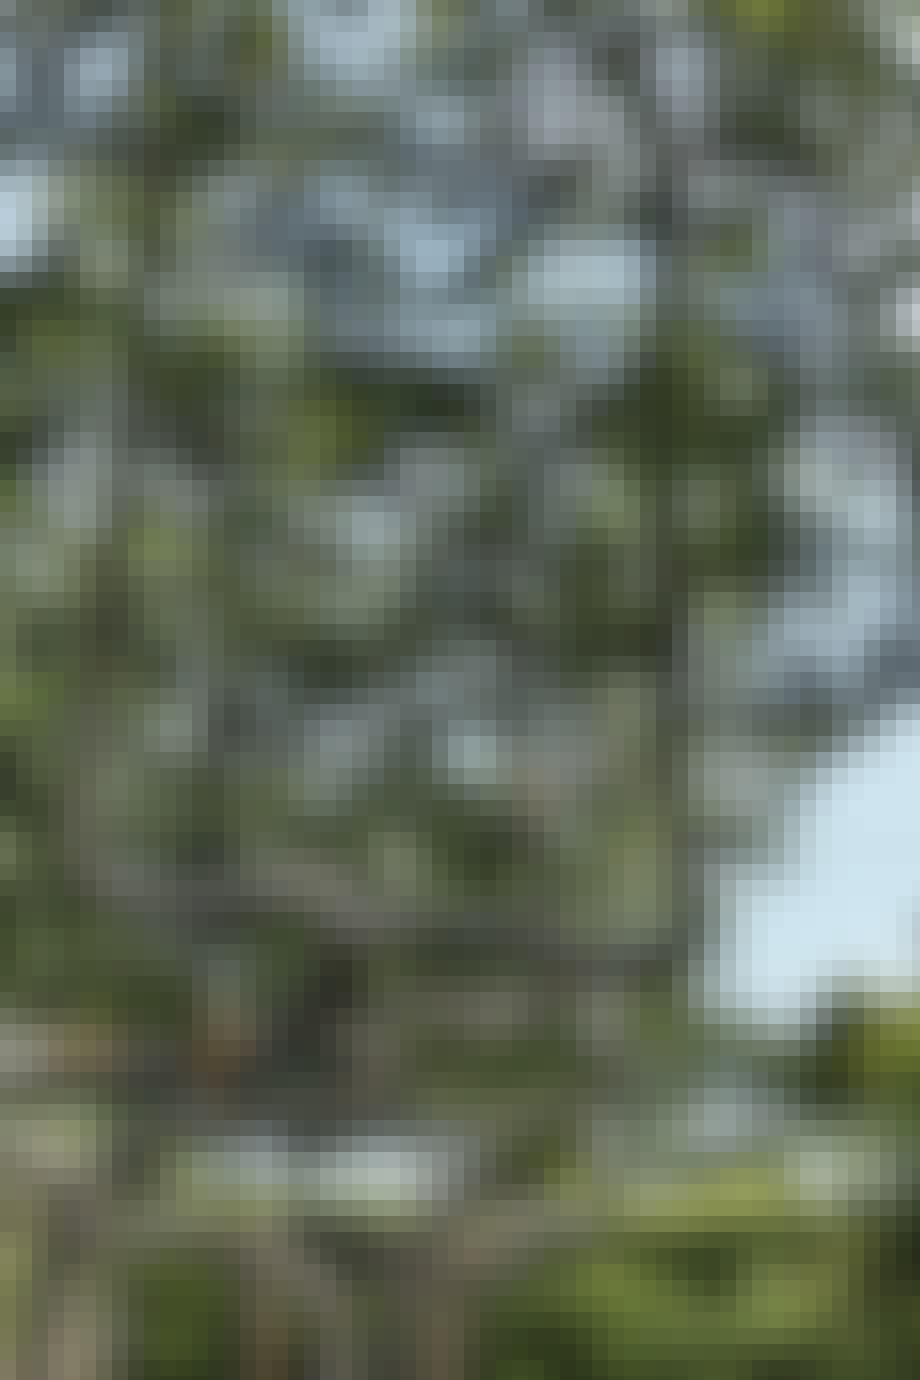 Skulpturelle Espalierfrugttræer